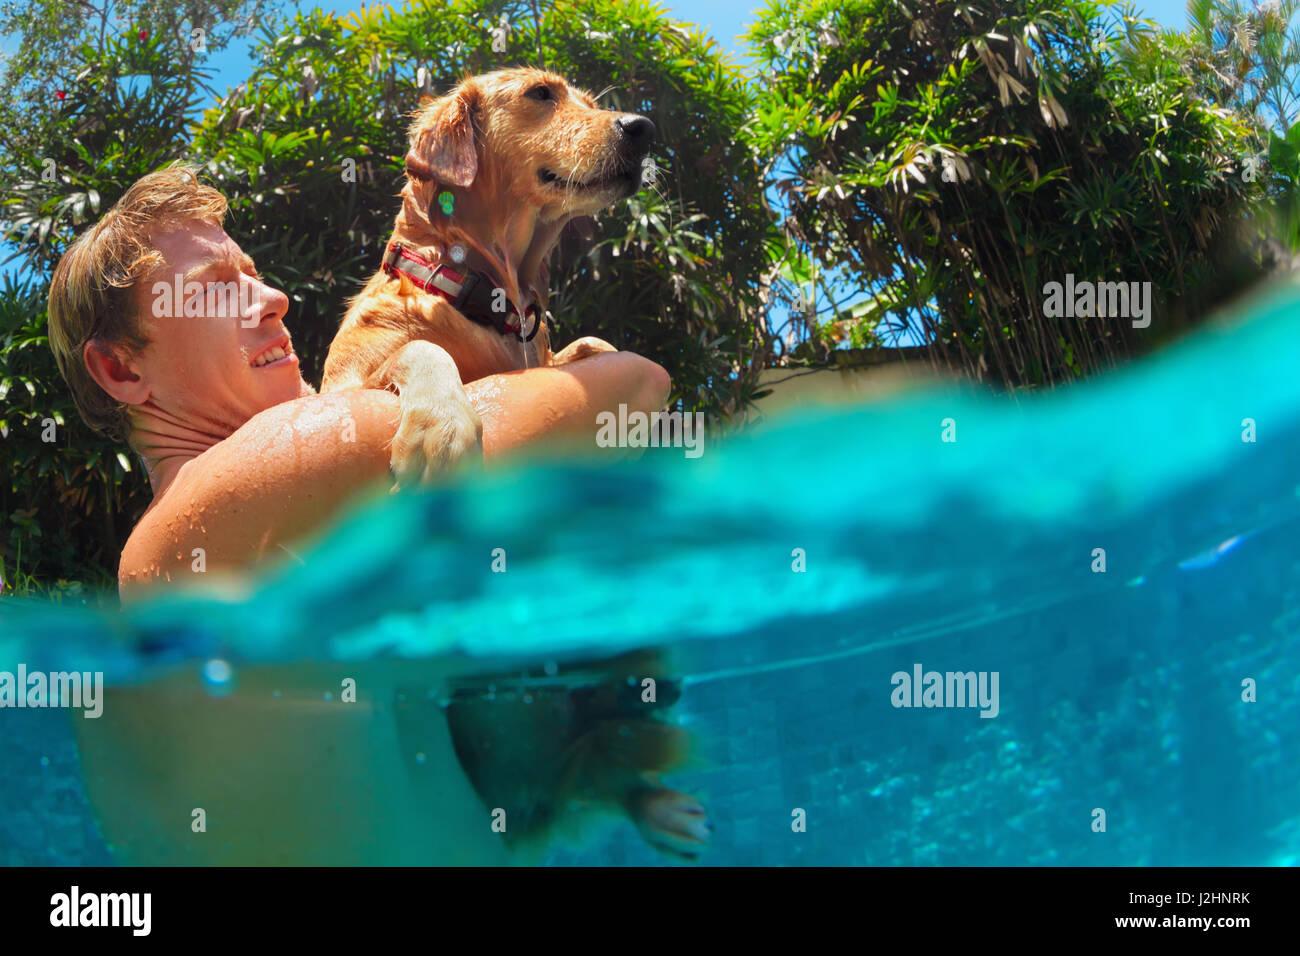 Jeune homme jouer avec plaisir et le train golden labrador retriever chiot de la piscine - sauter et plonger sous Photo Stock